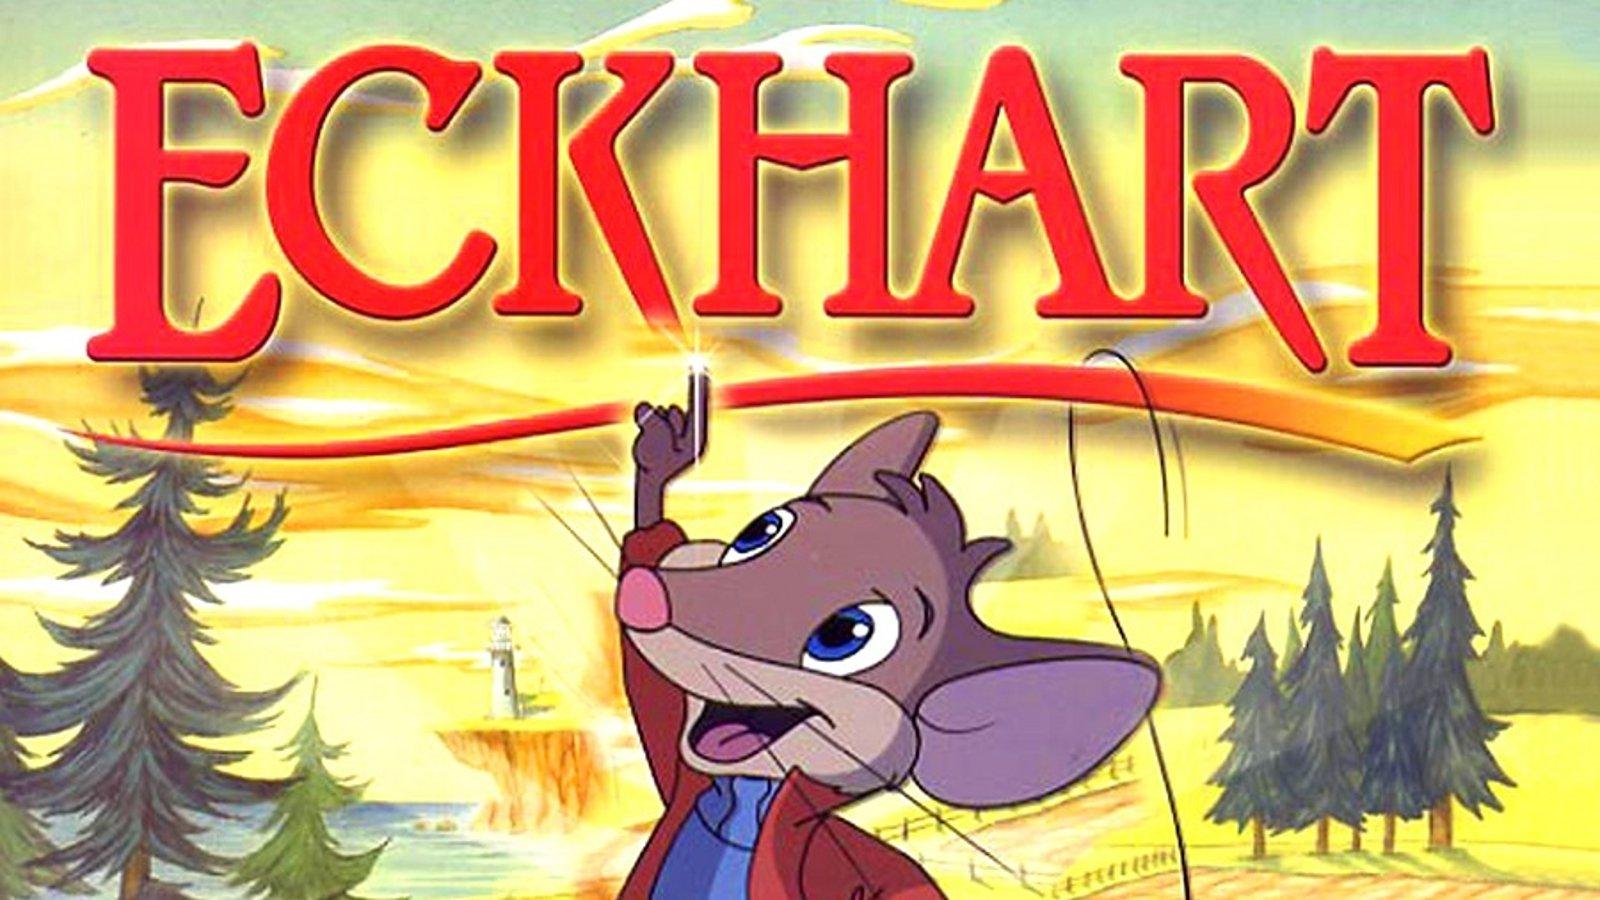 Eckhart Season 1